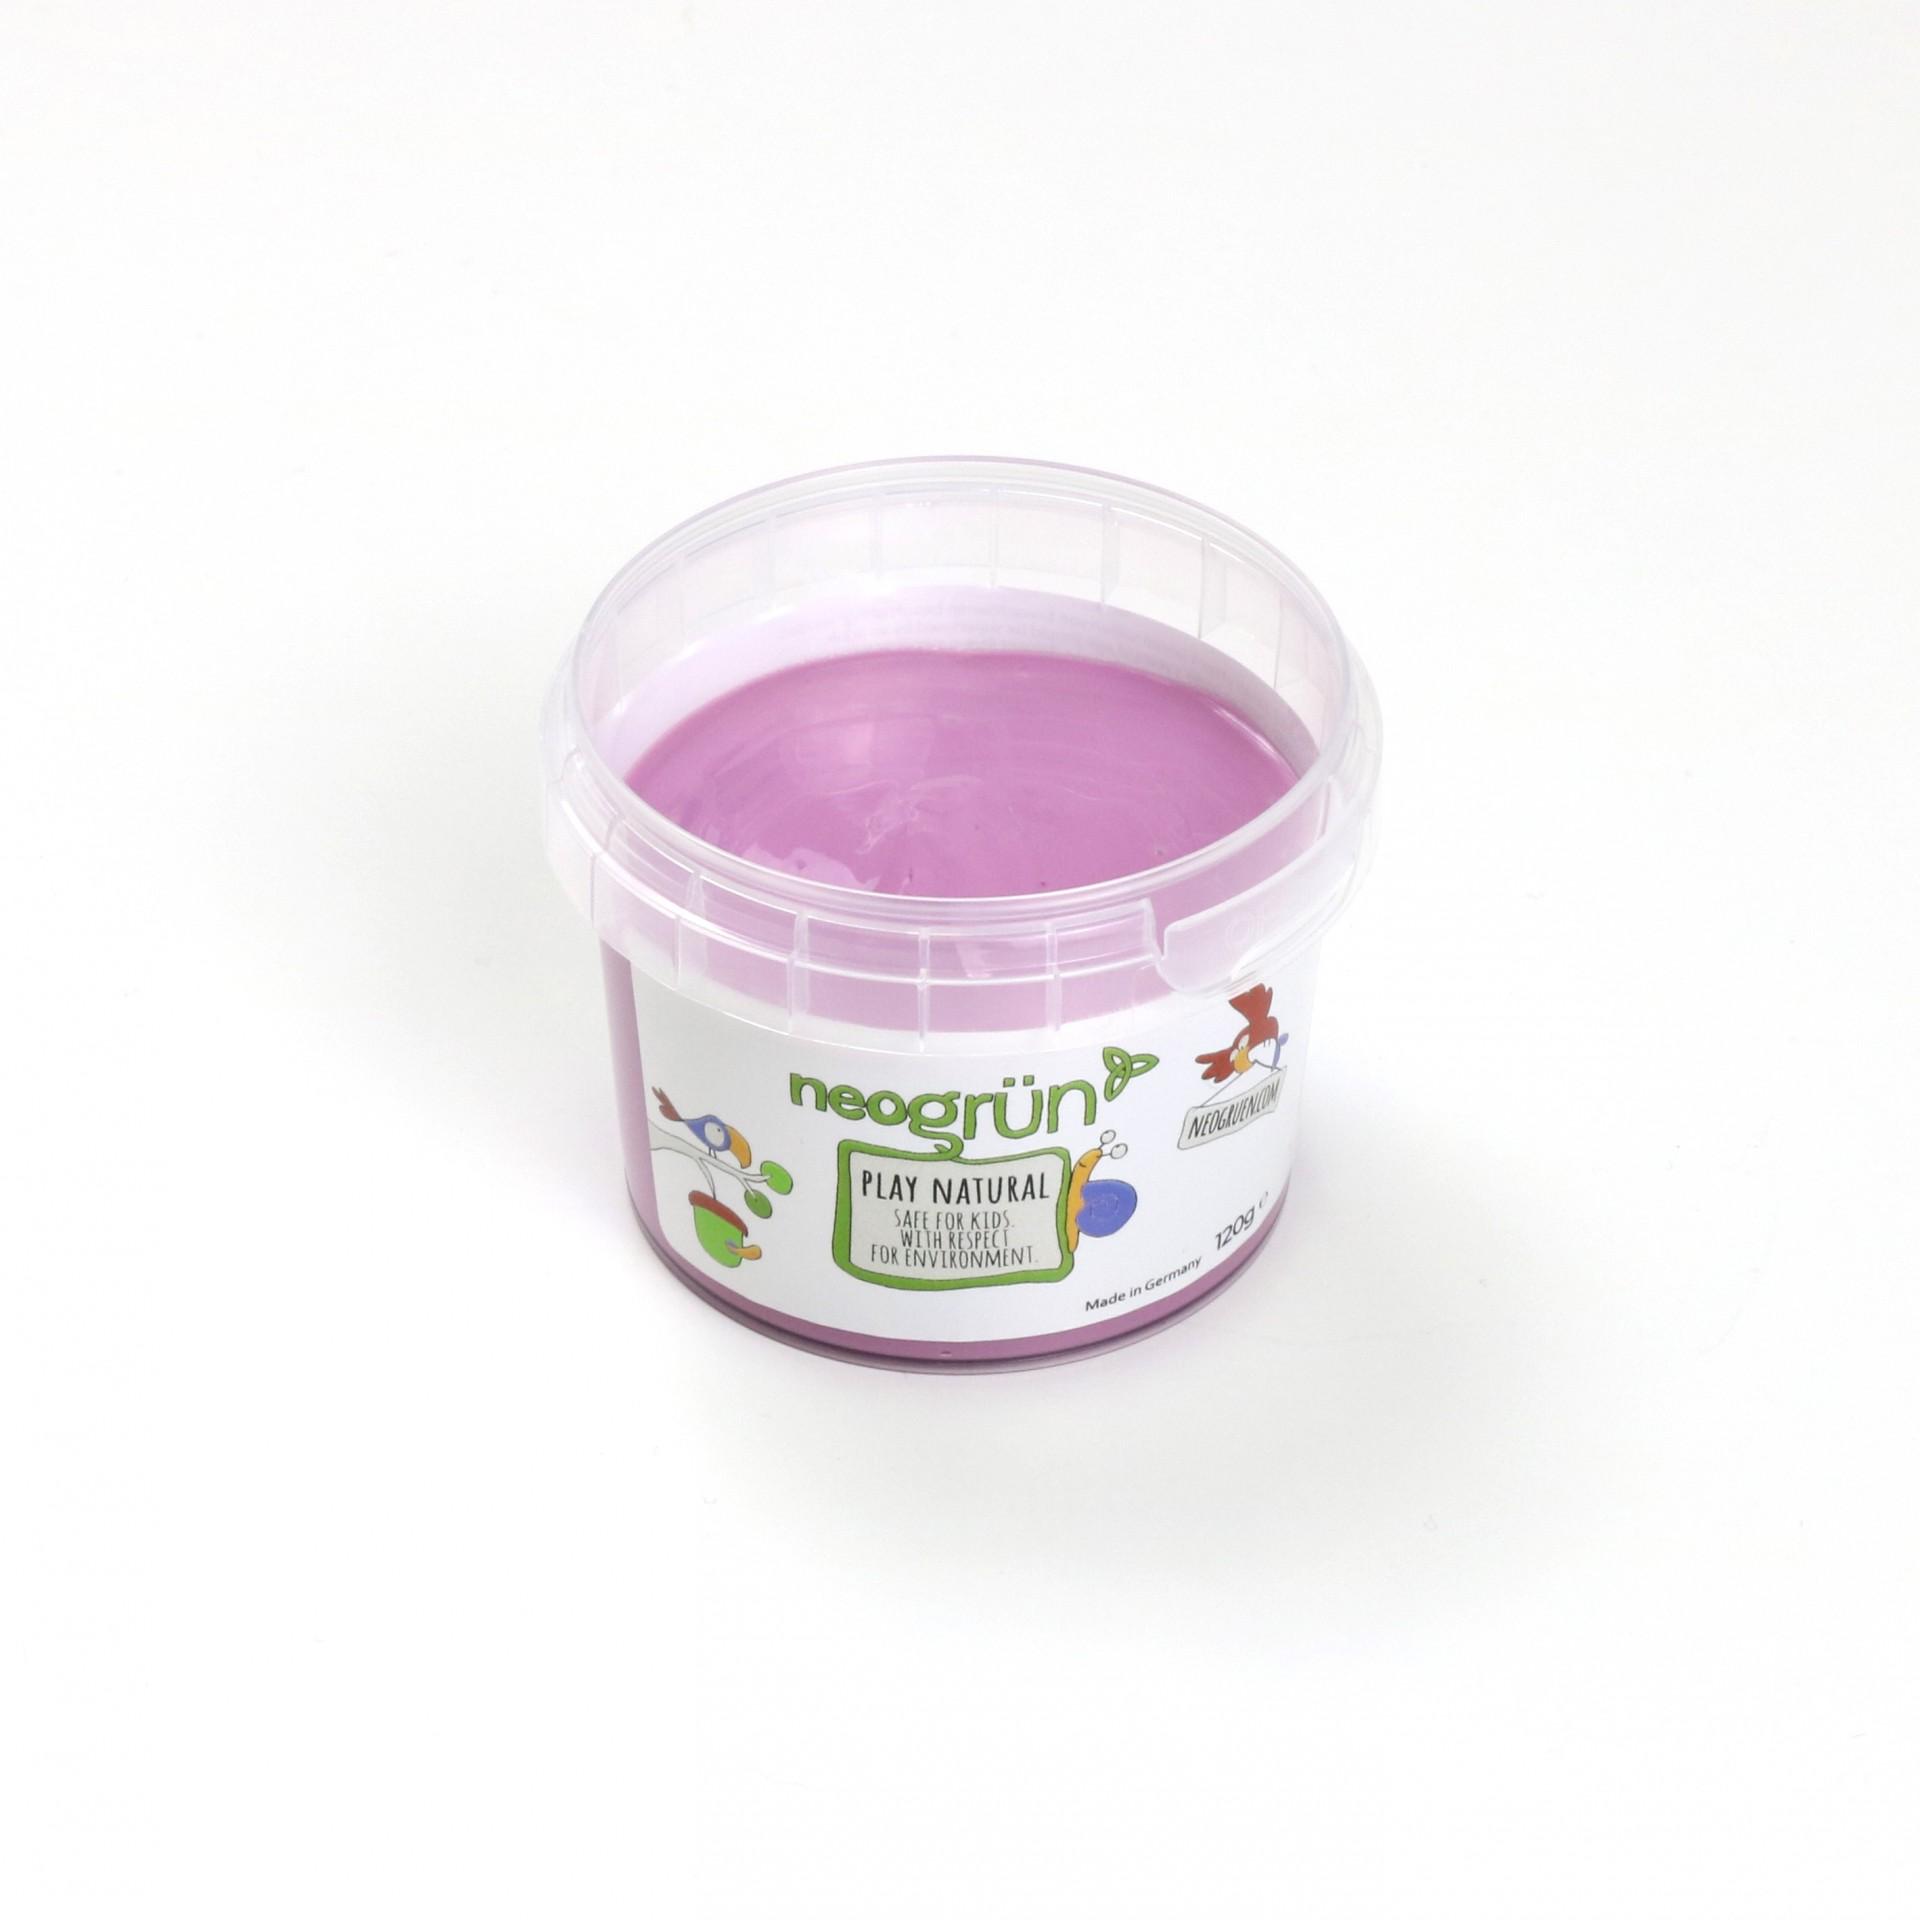 ROSA Tinta de Dedo Natural e Vegan - Neogrun